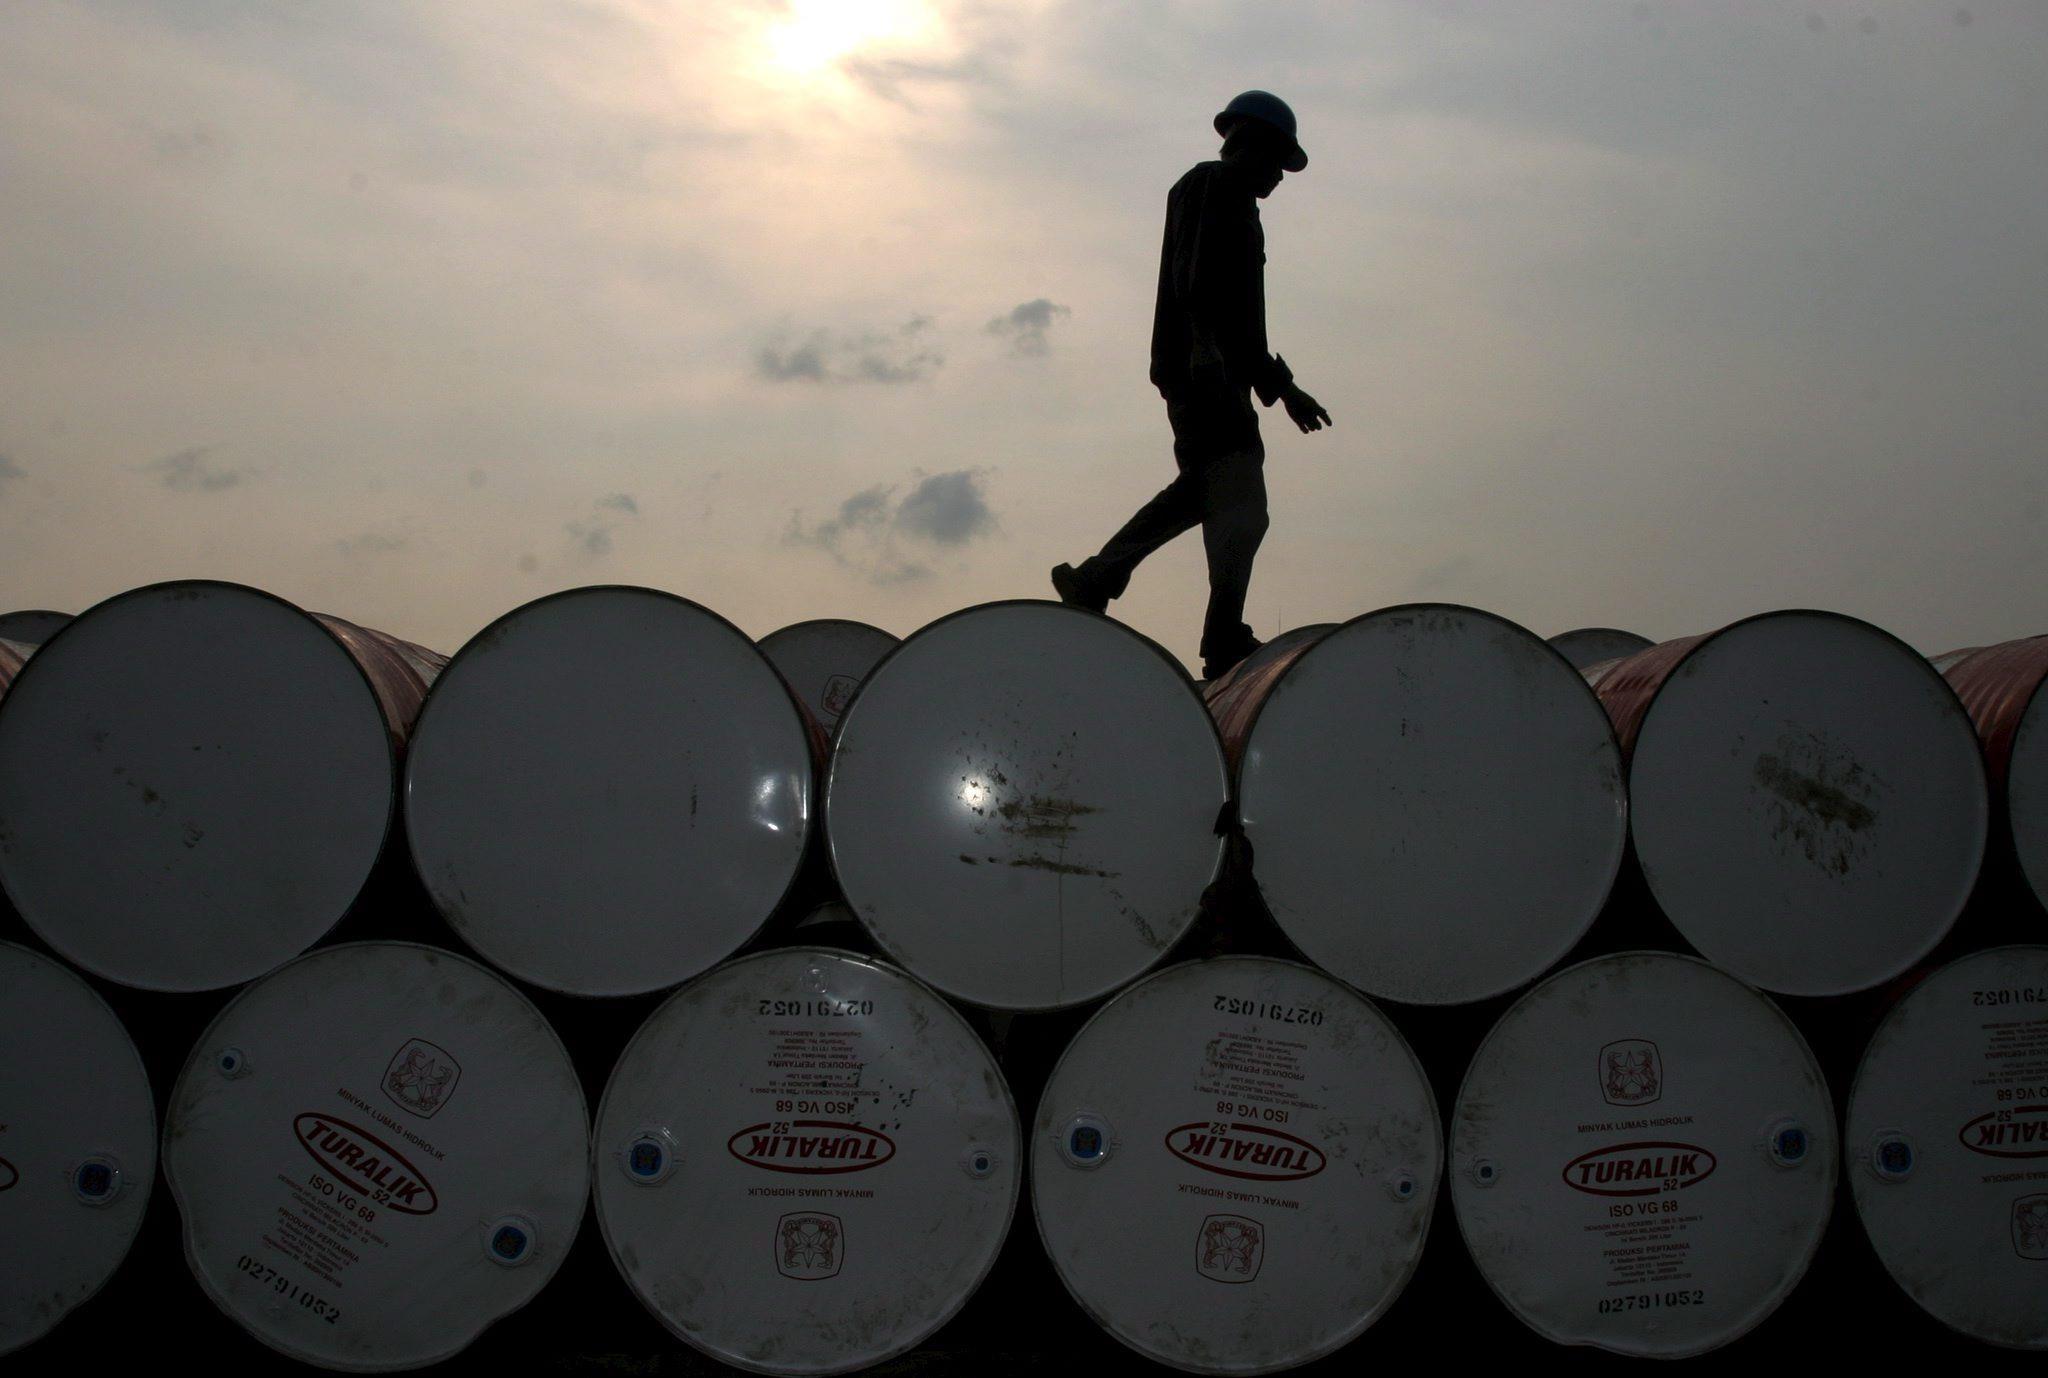 Petrol fiyatları 7 yılın en düşük seviyesine geldi